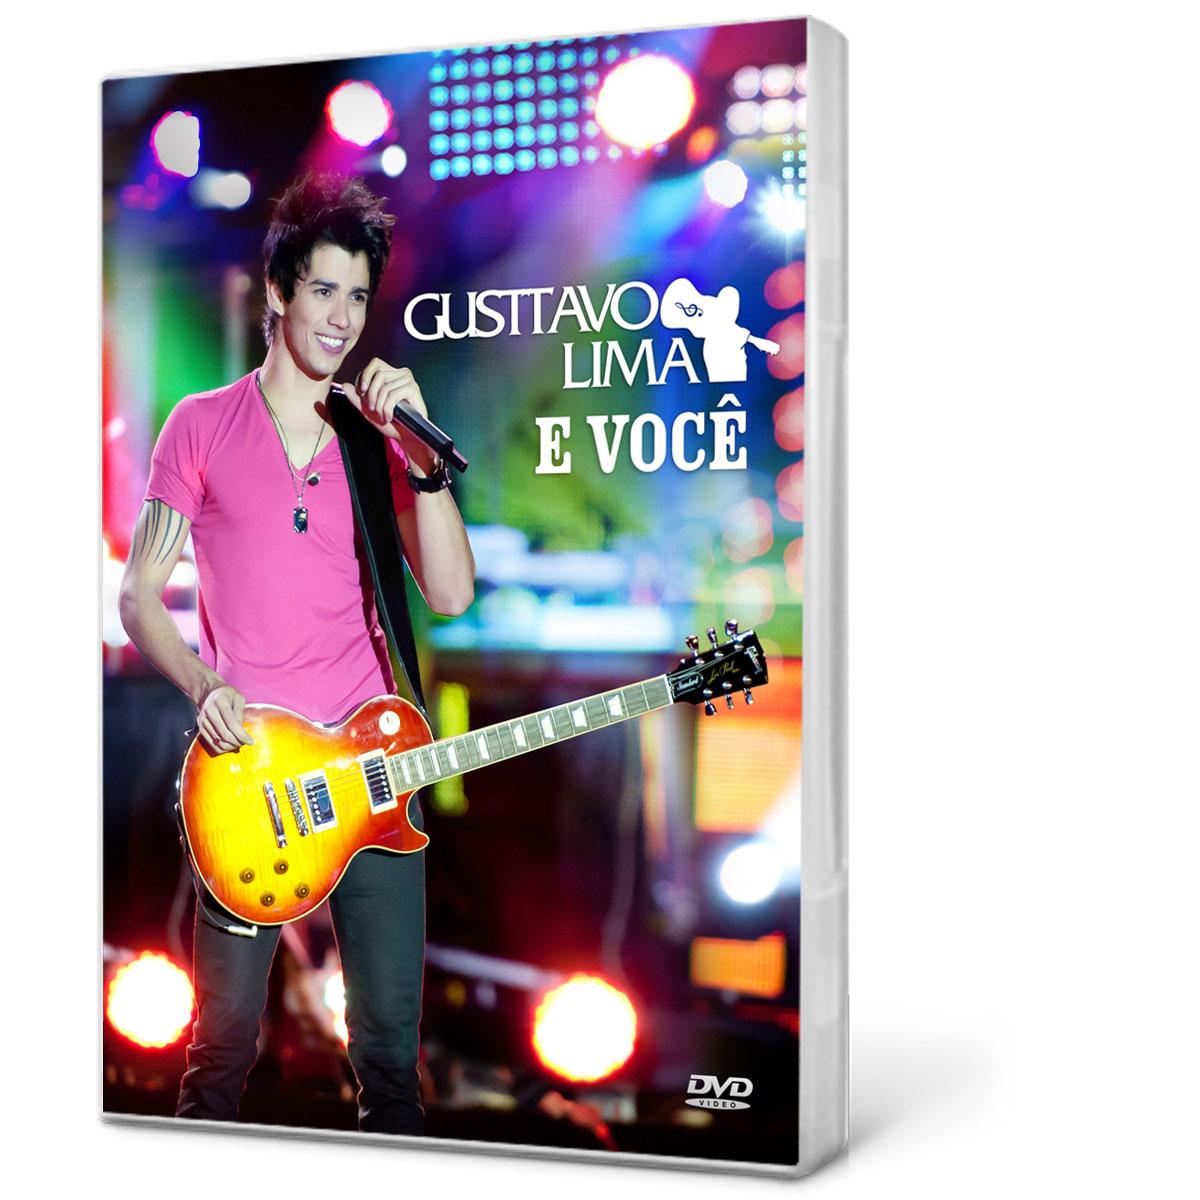 Gusttavo Lima E Voce Ao Vivo (2011) SOM LIVRE DVD Gustavo Lima e V 429684 1 1200